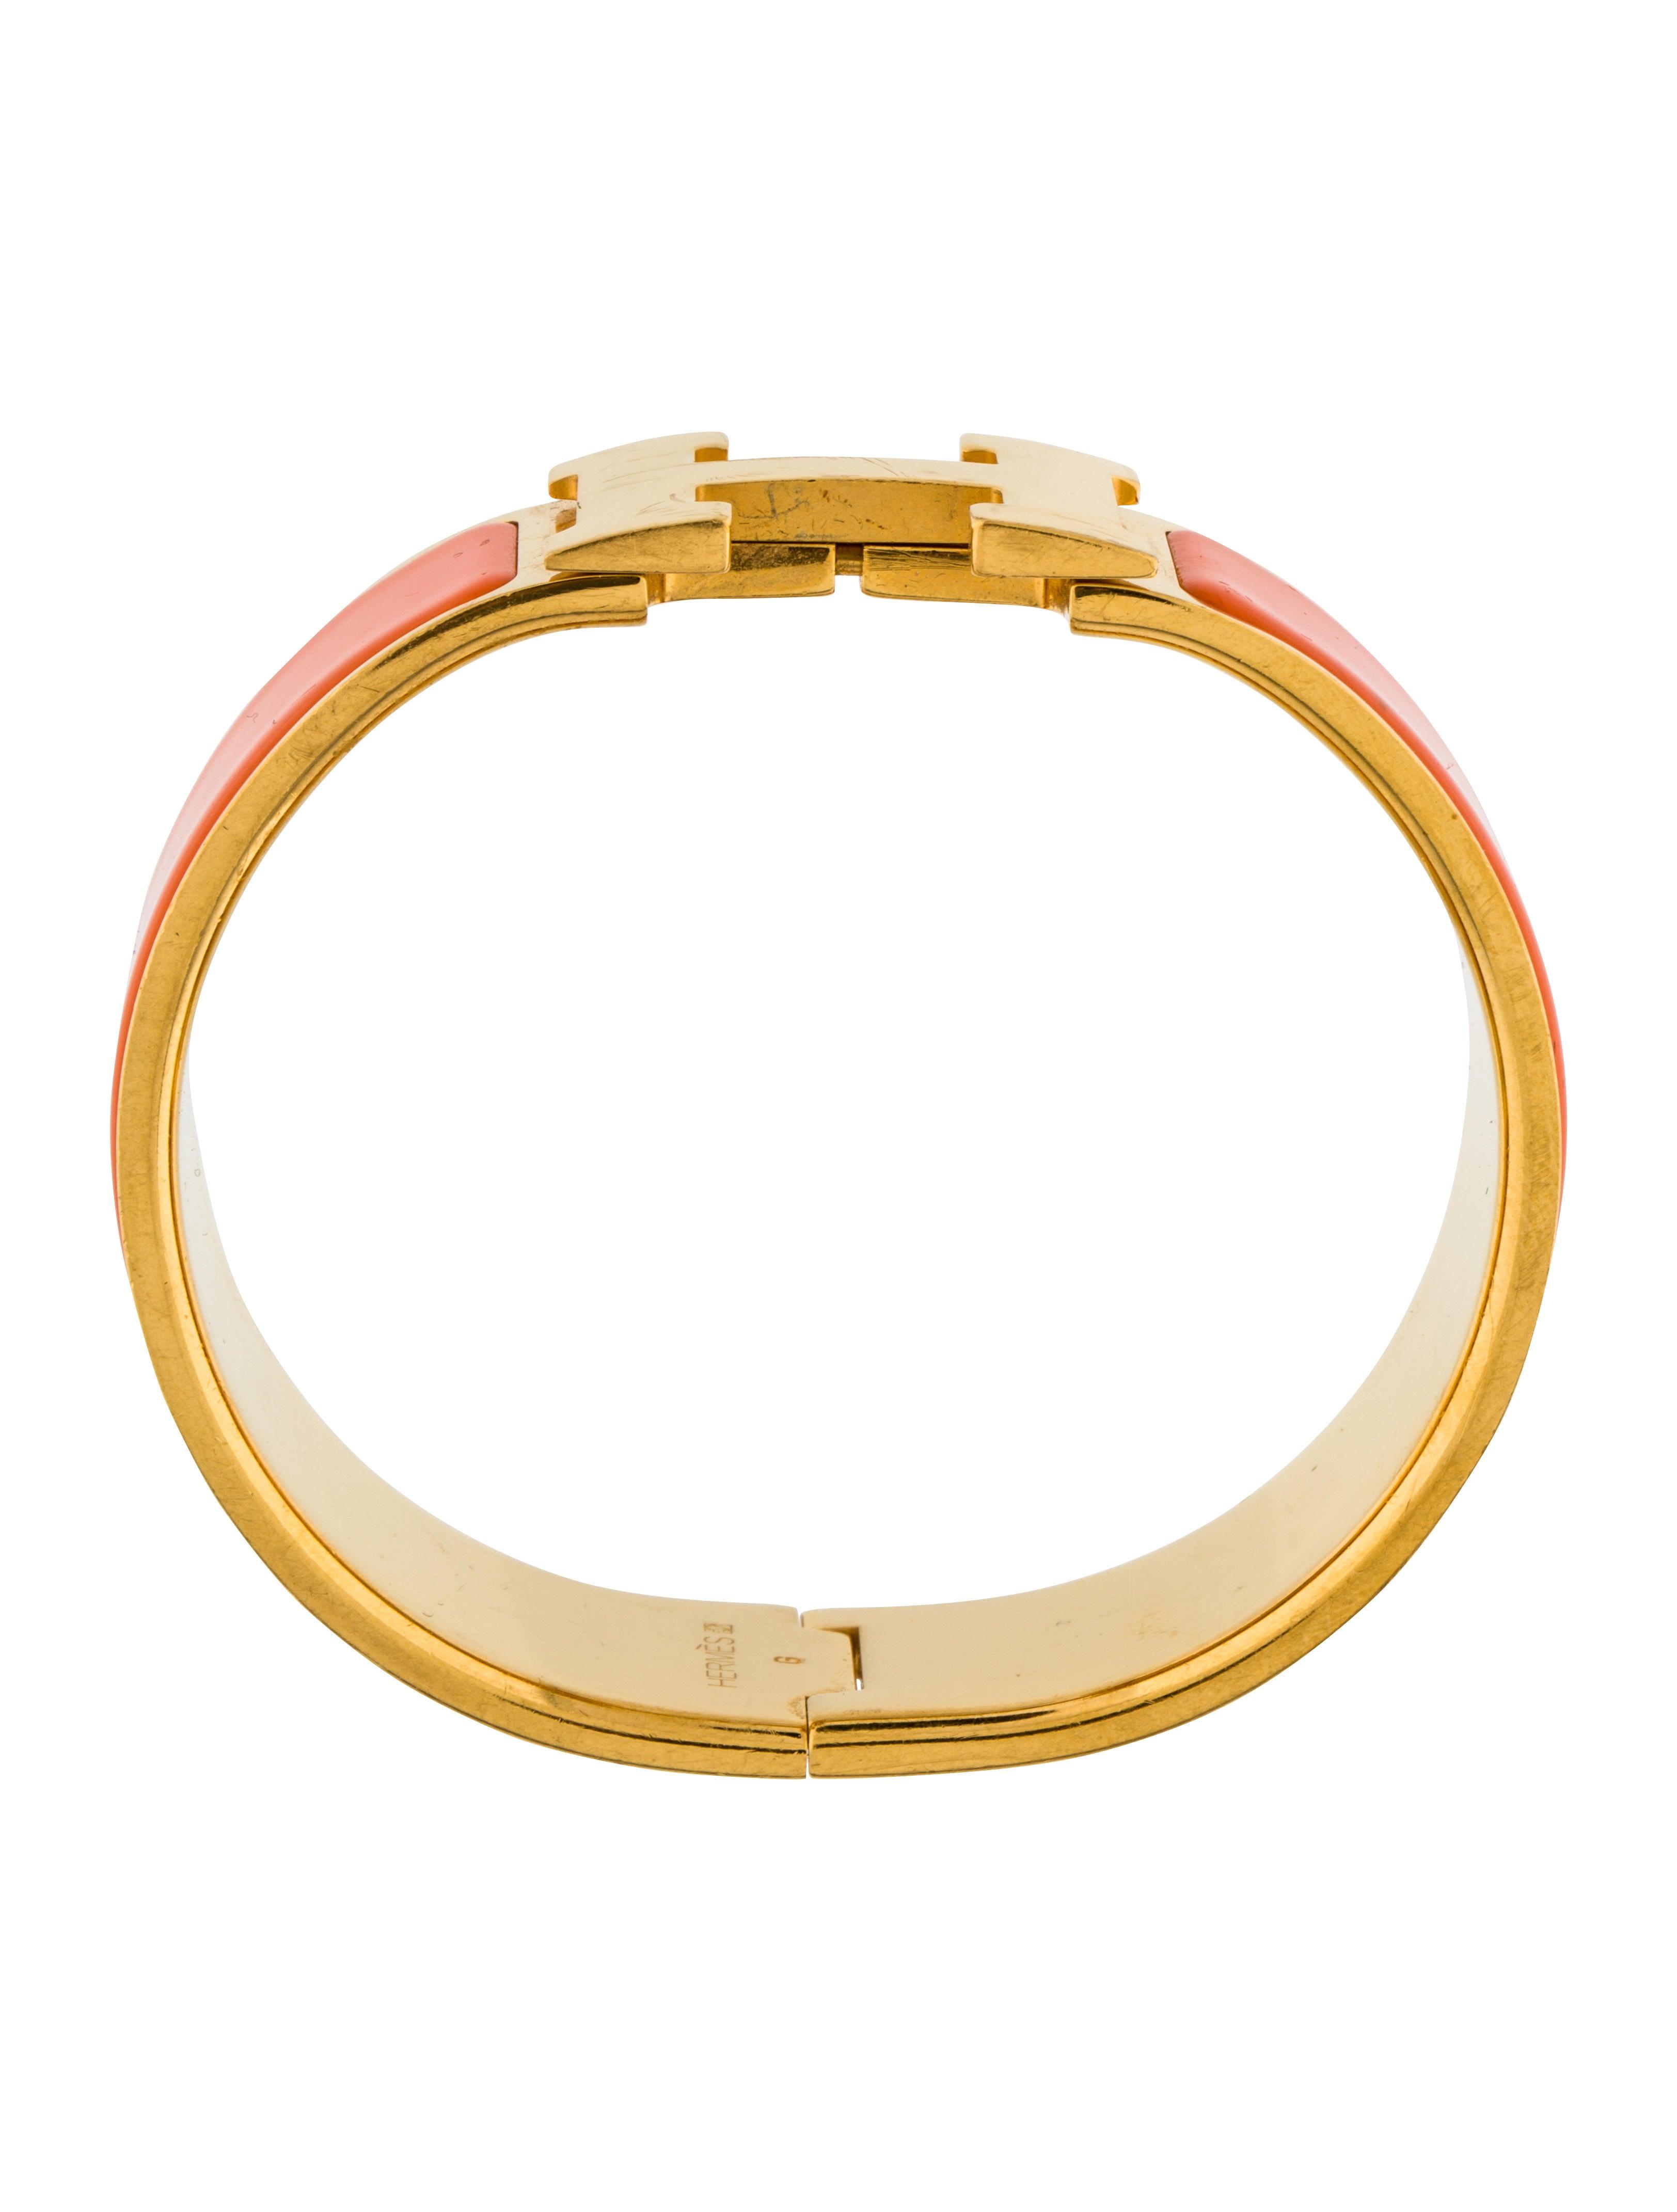 herm s clic clac h bracelet bracelets her113333 the. Black Bedroom Furniture Sets. Home Design Ideas